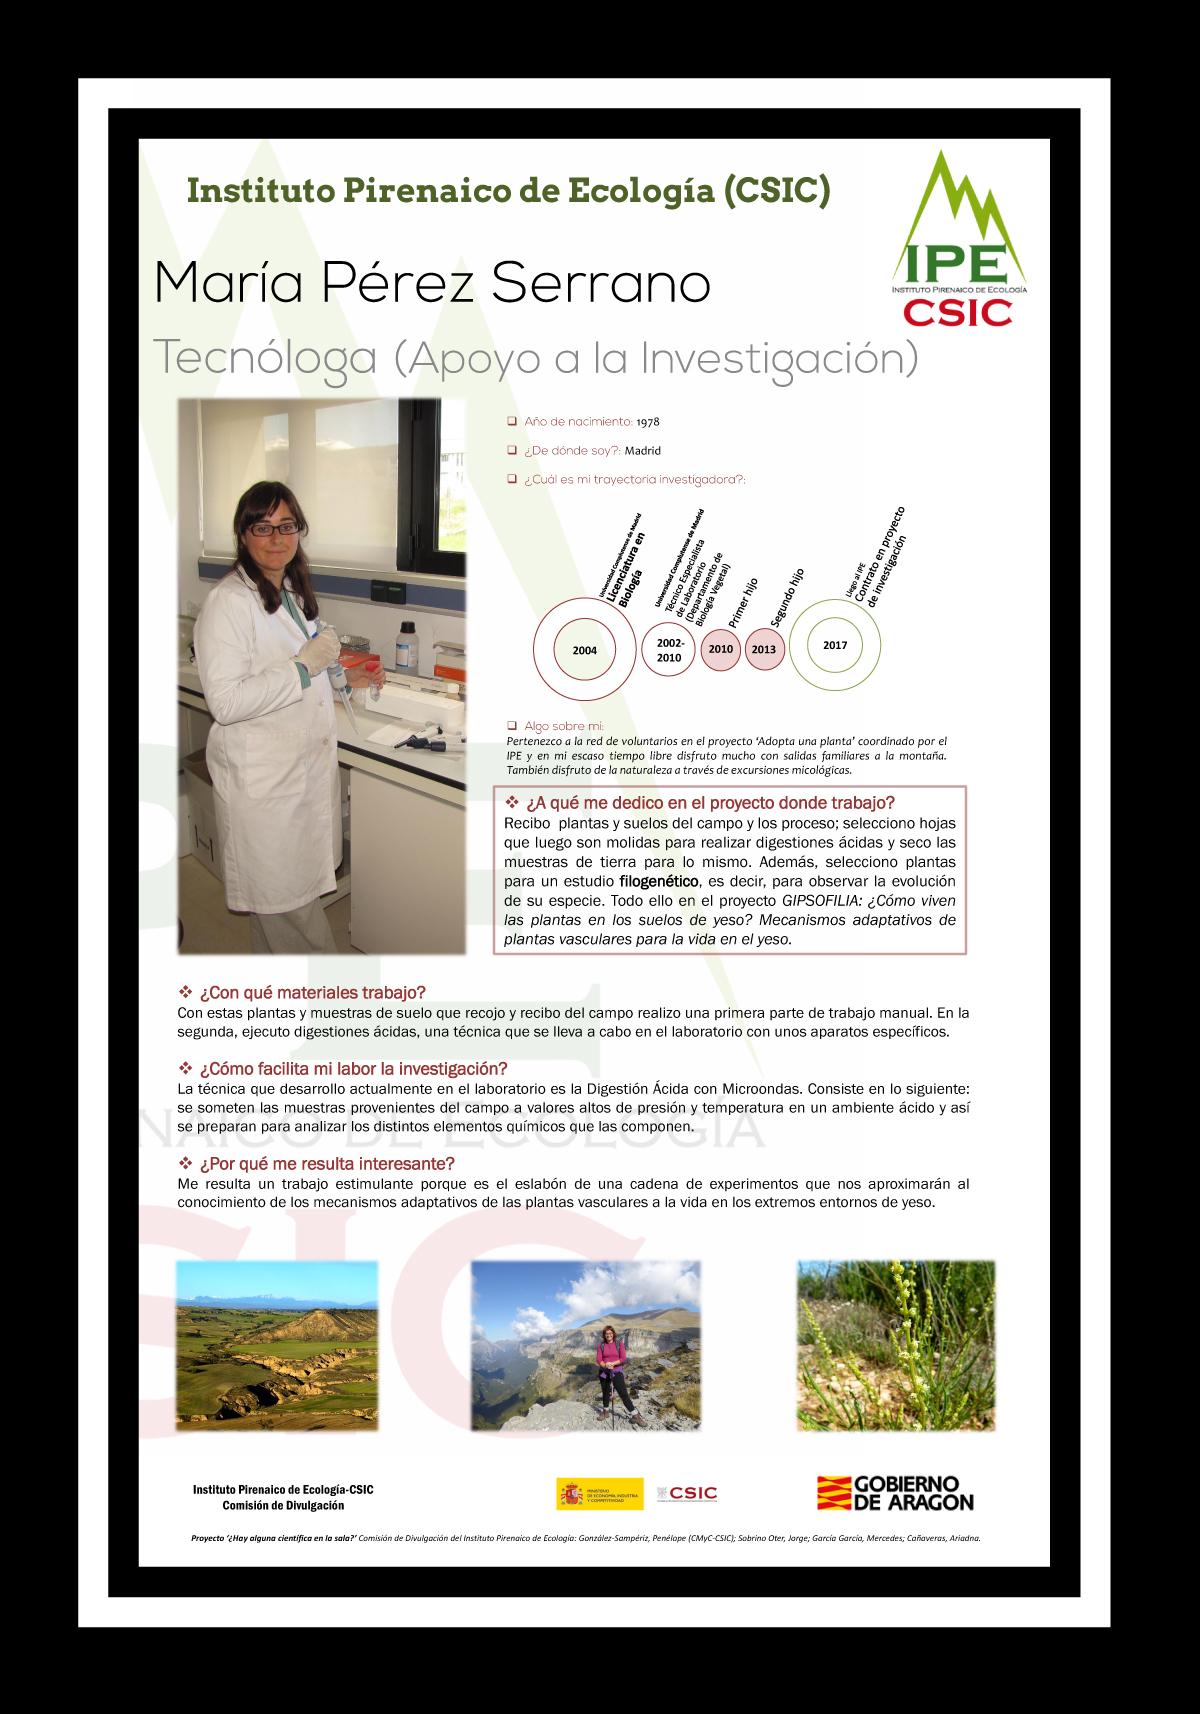 María Pérez Serrano